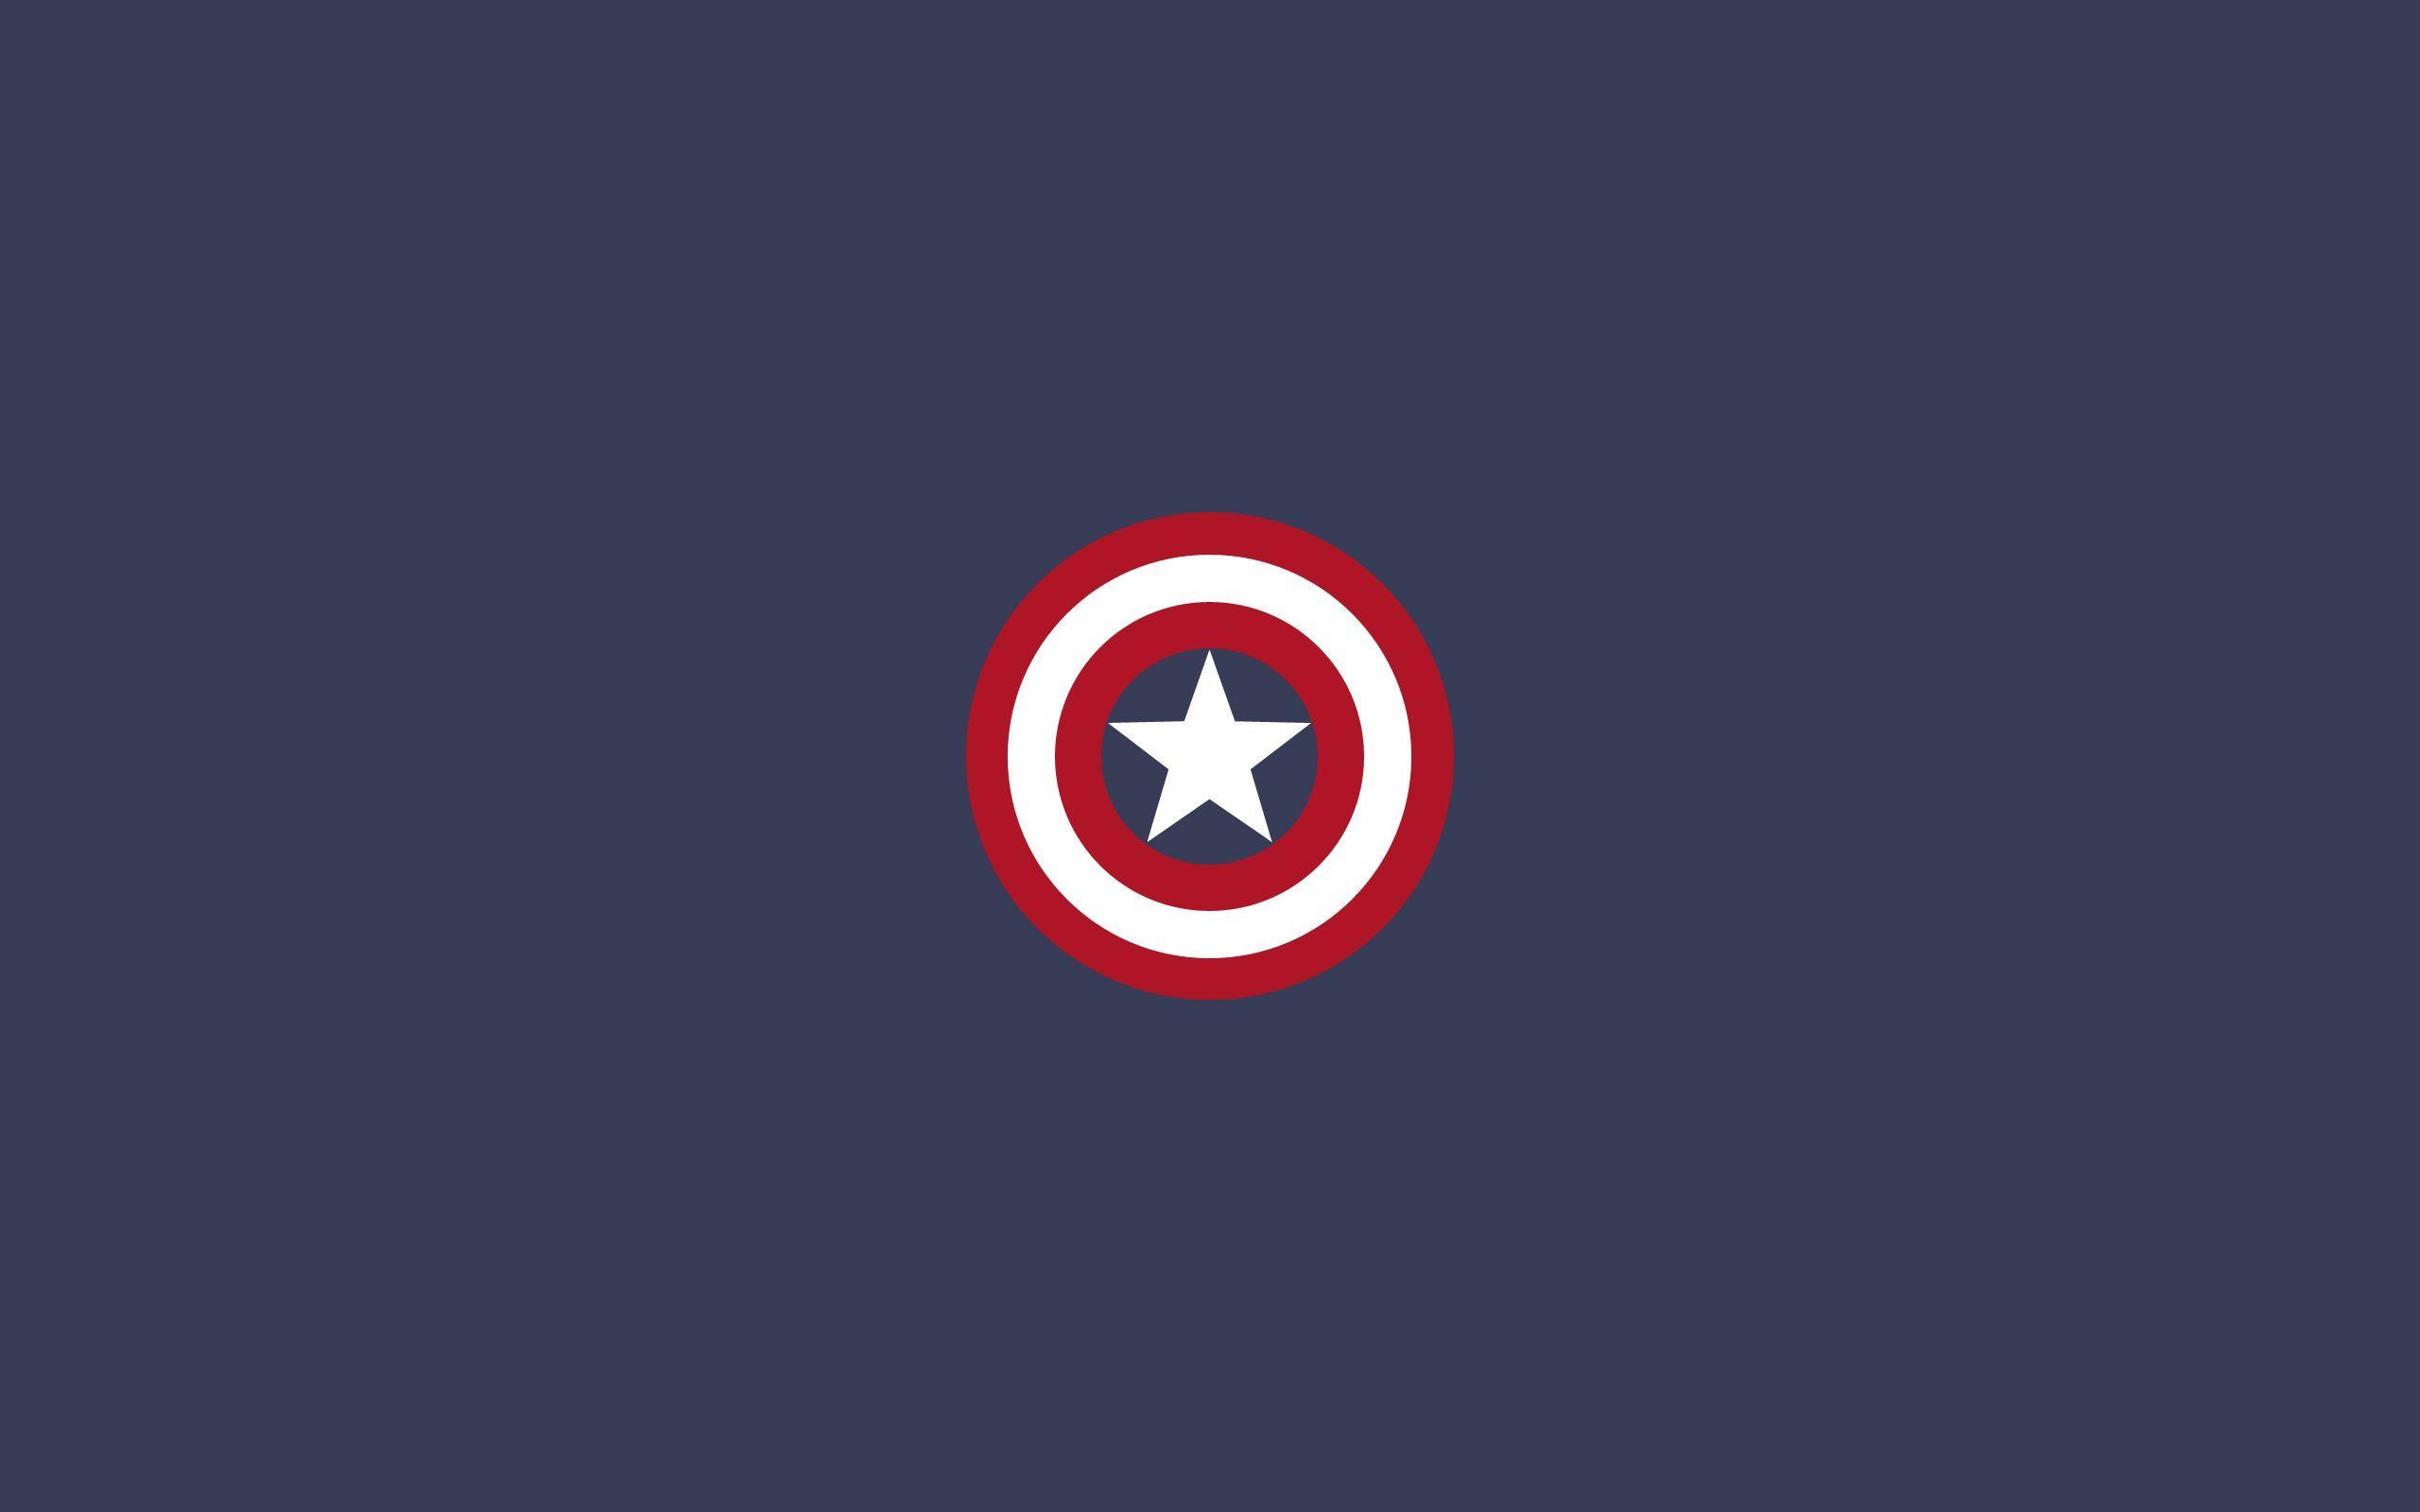 Captain America shield wallpaper 19334 2560x1600